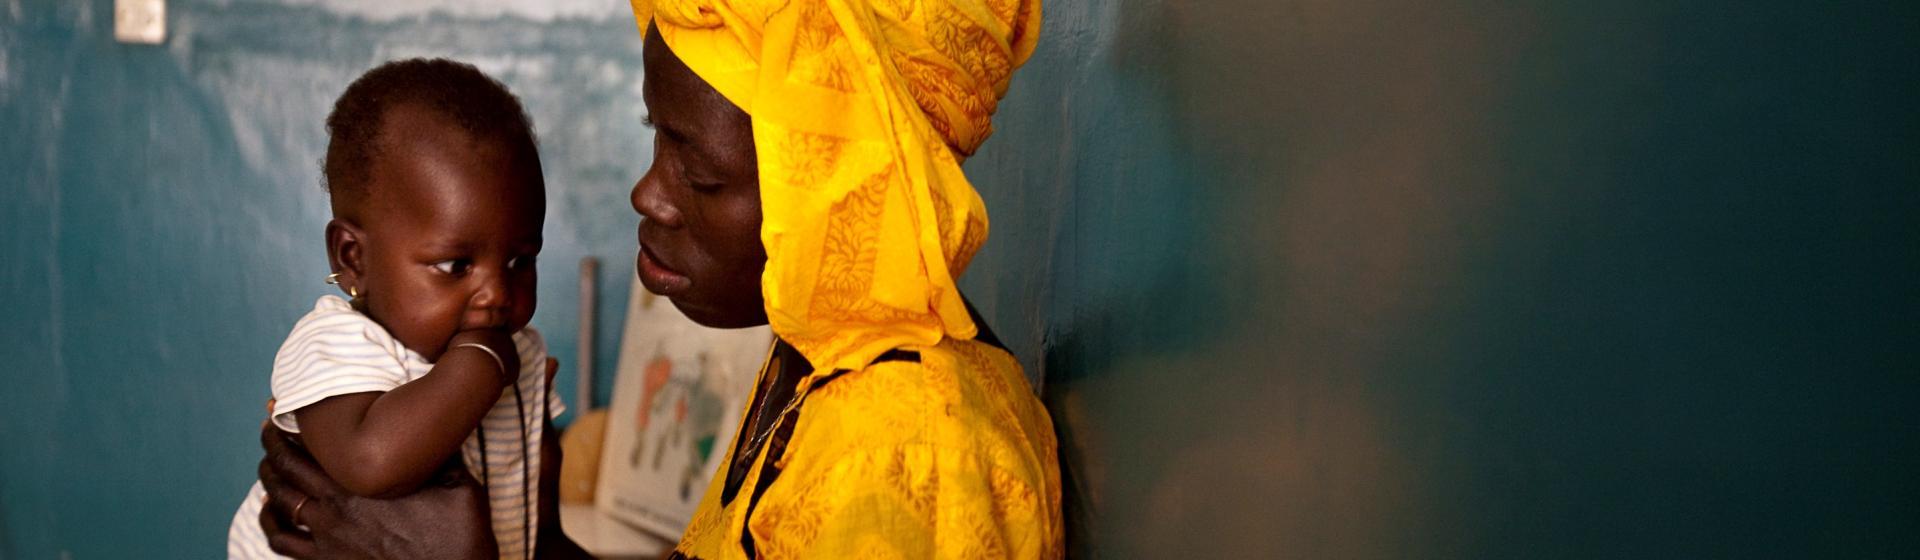 Senegal | IntraHealth